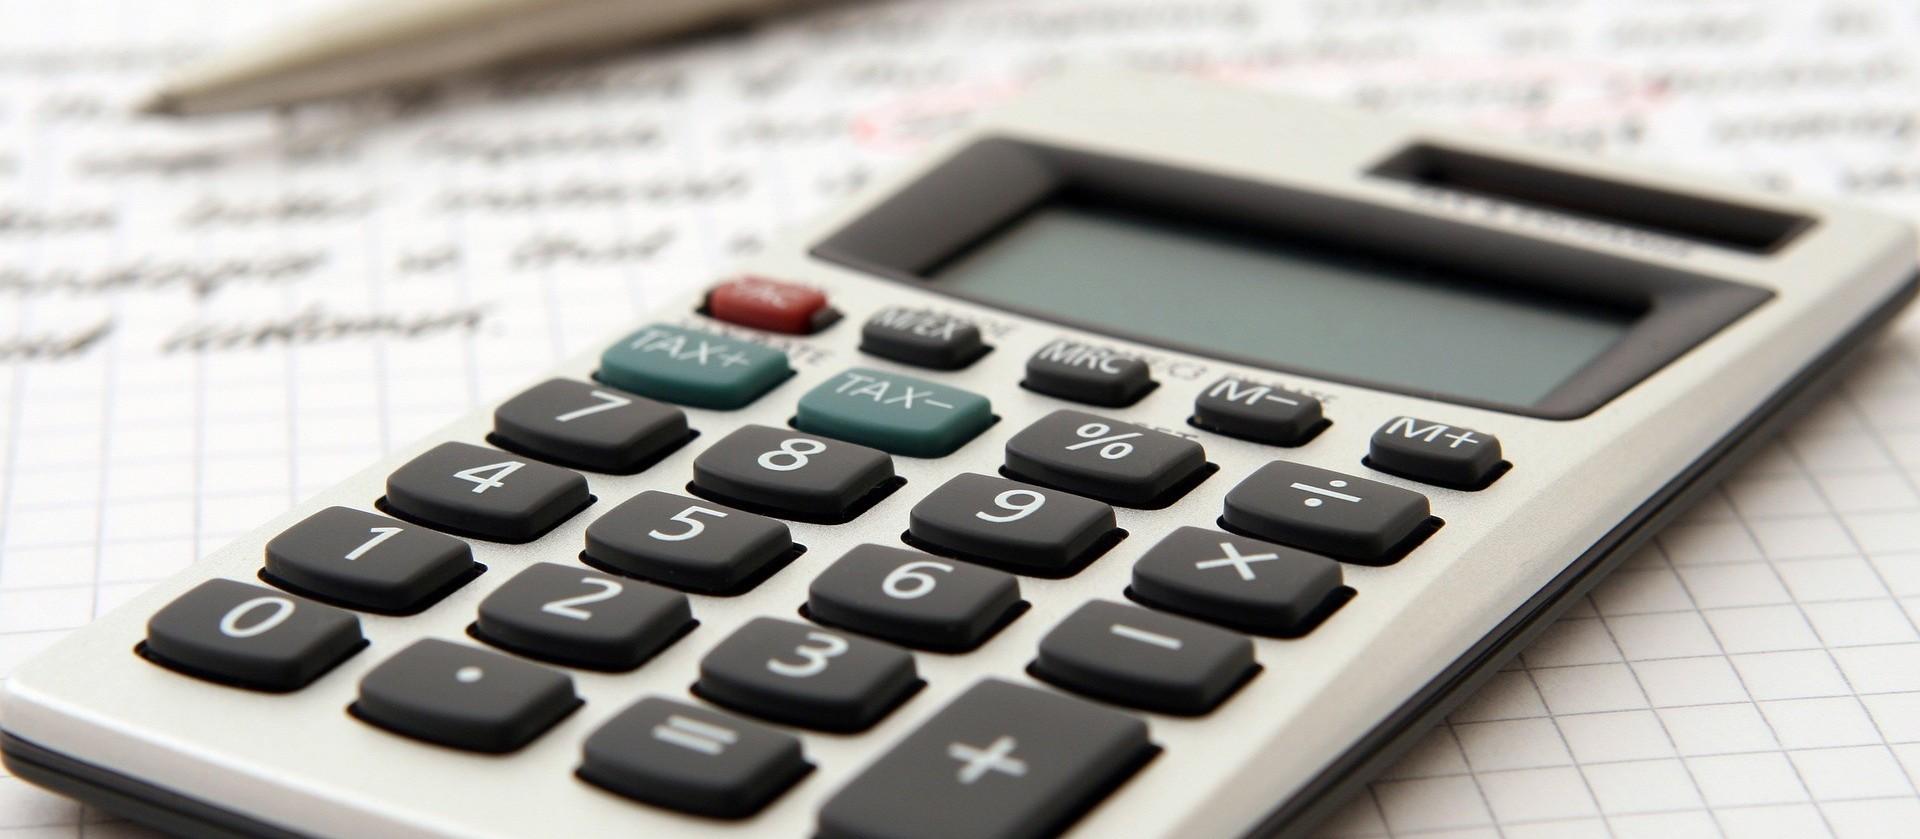 Educação financeira pode reduzir taxas de juros